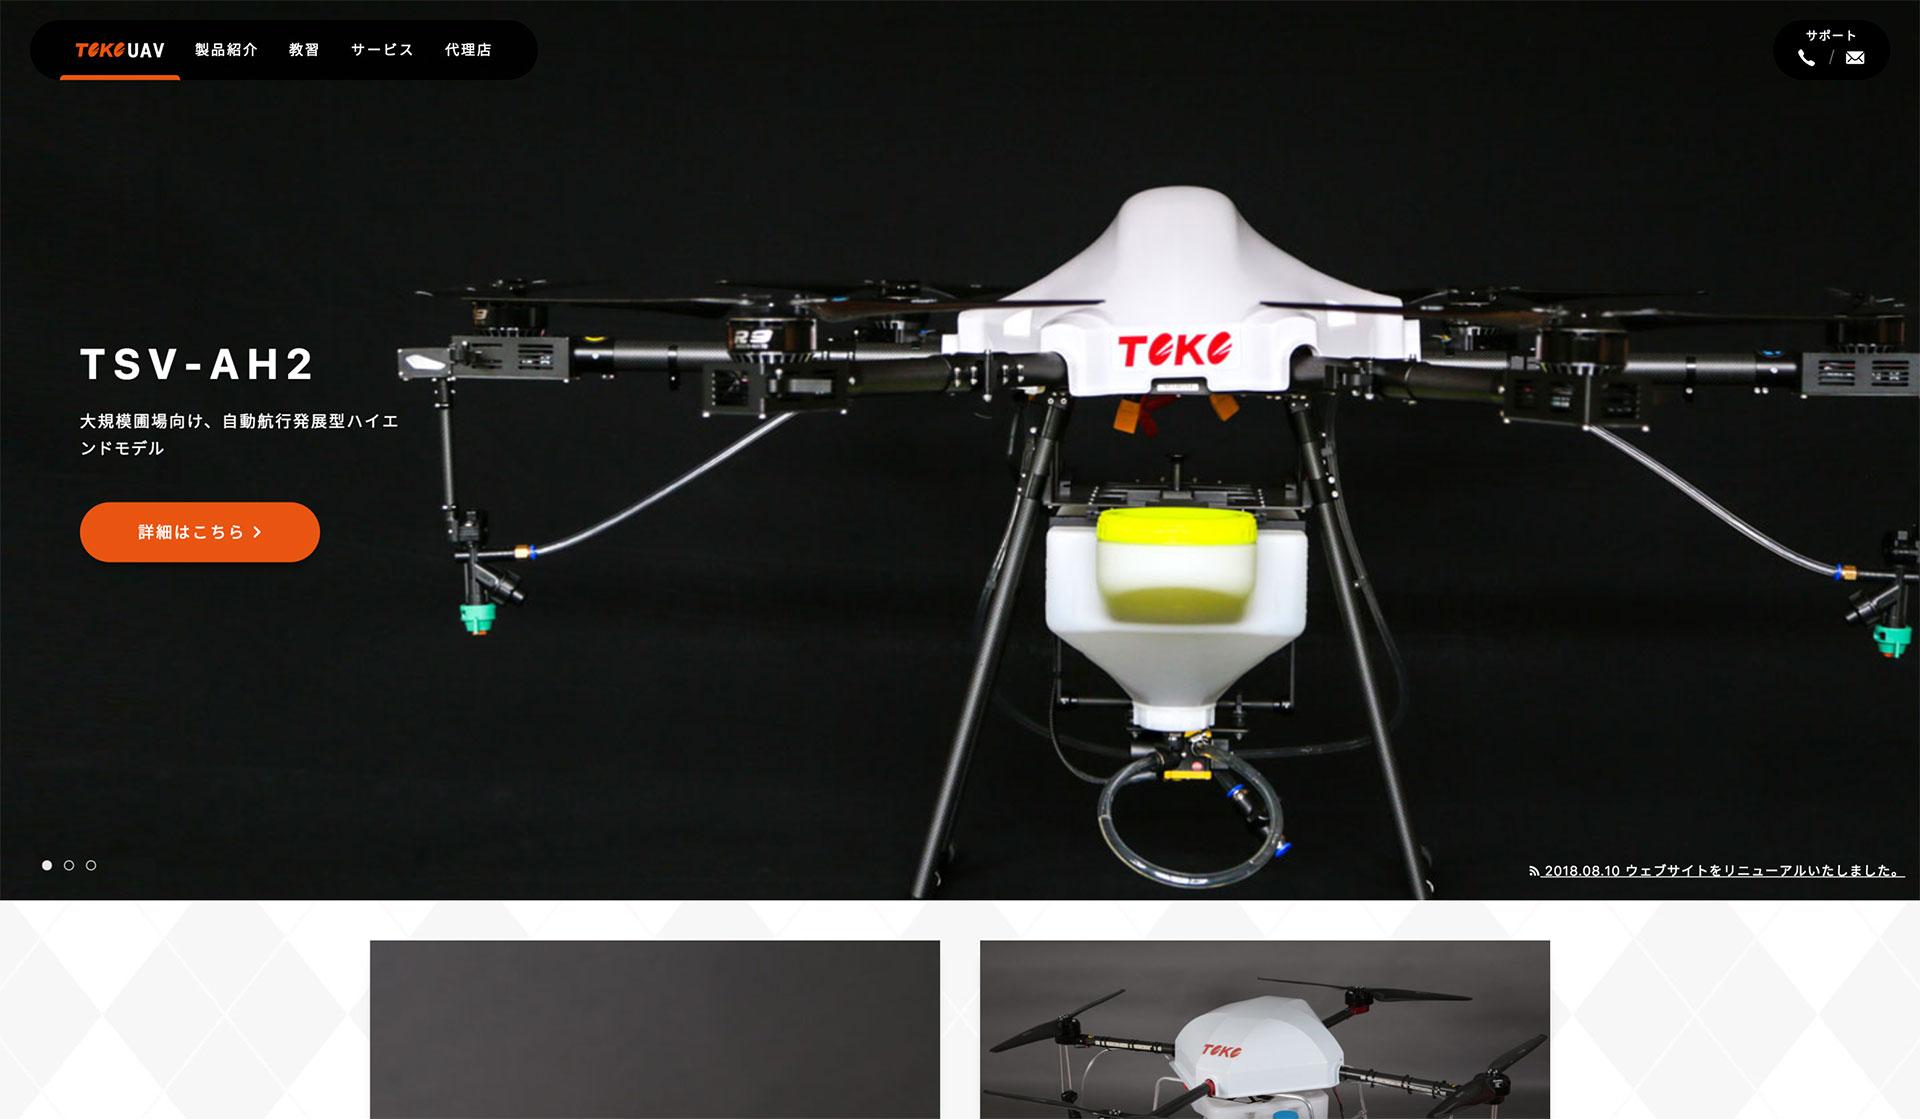 東光鉄工株式会社 UAV事業部様のサイトイメージ